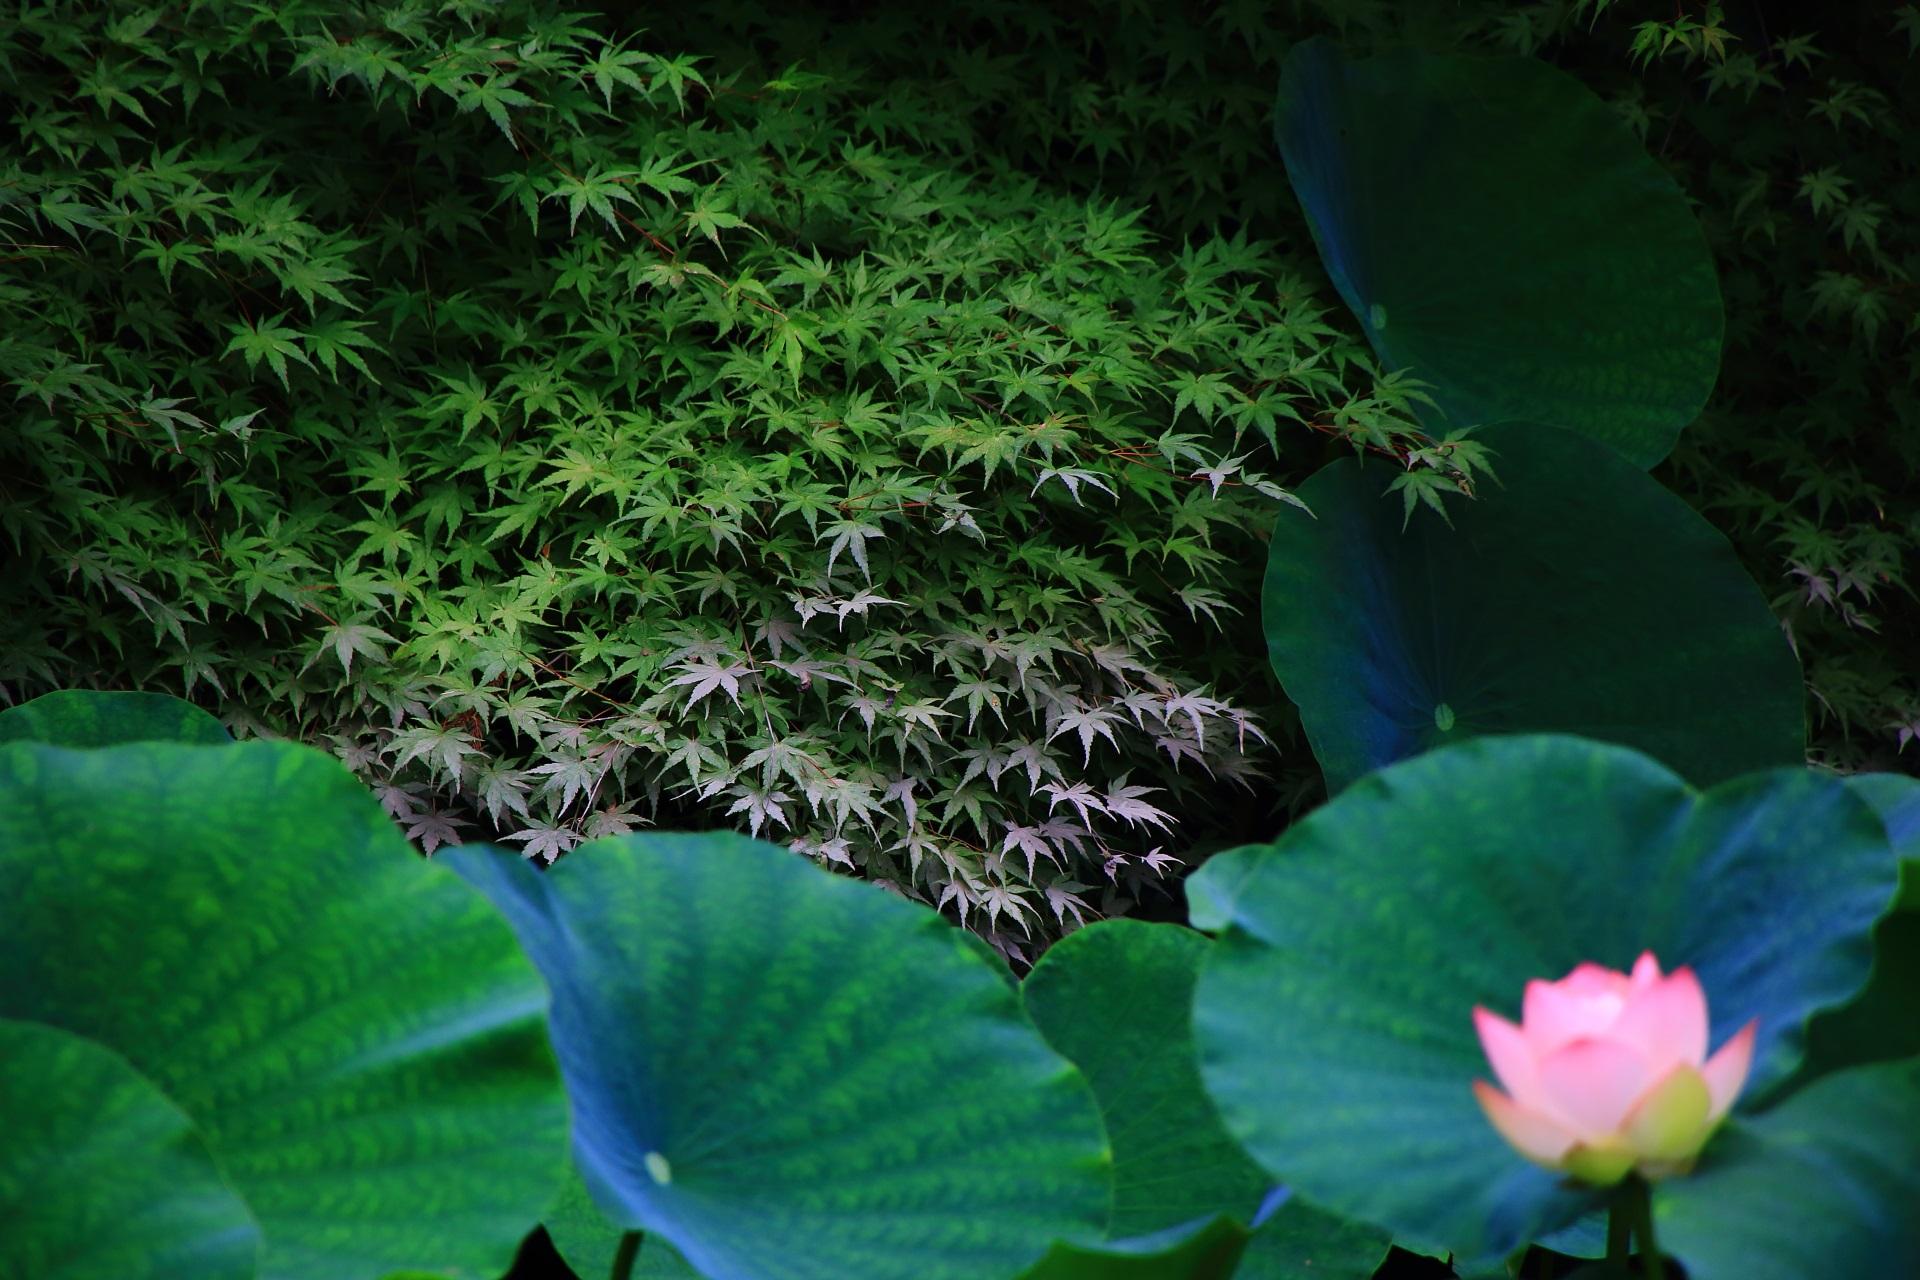 知恩院の蓮池の綺麗な青もみじや蓮の葉